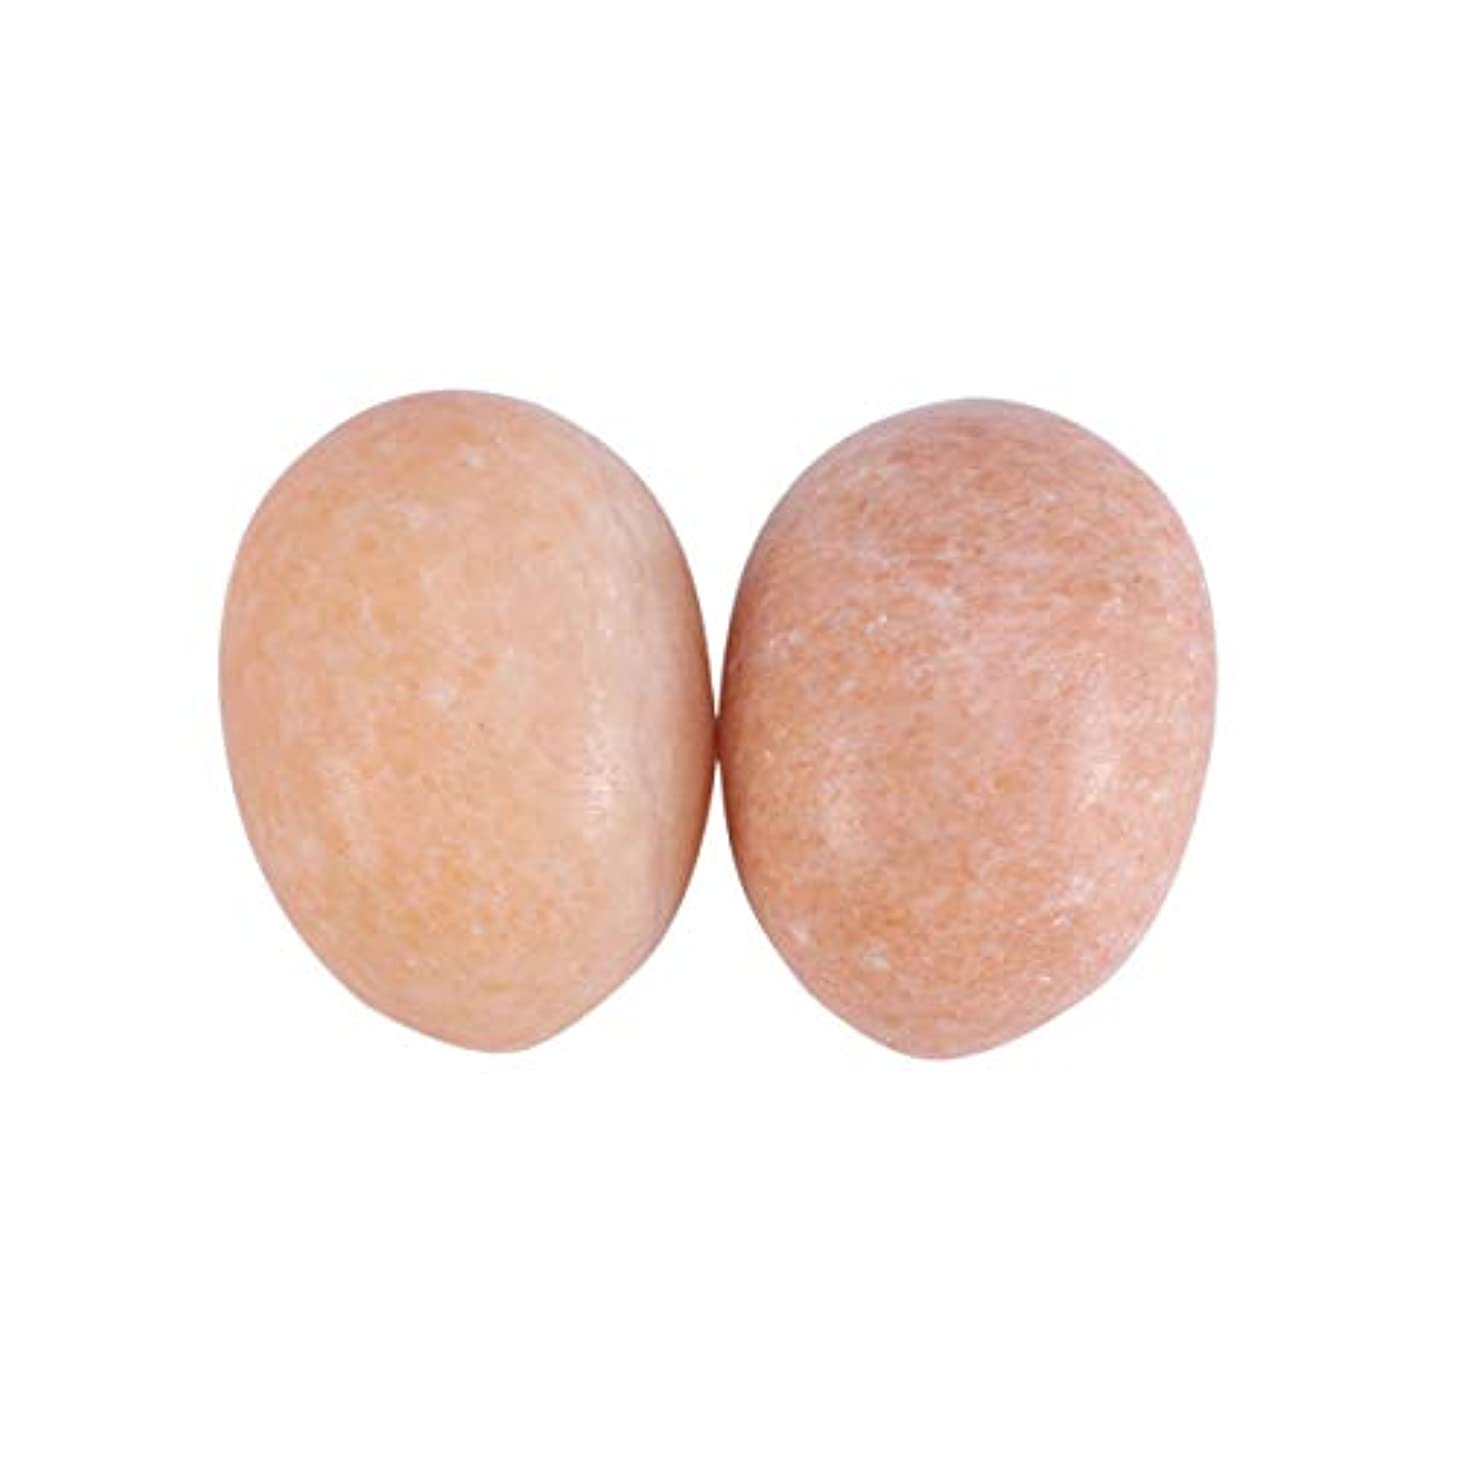 決定挑発するうめきHealifty 6PCS玉ヨニ卵マッサージ癒しの石のケゲル運動骨盤底筋運動(日没赤)